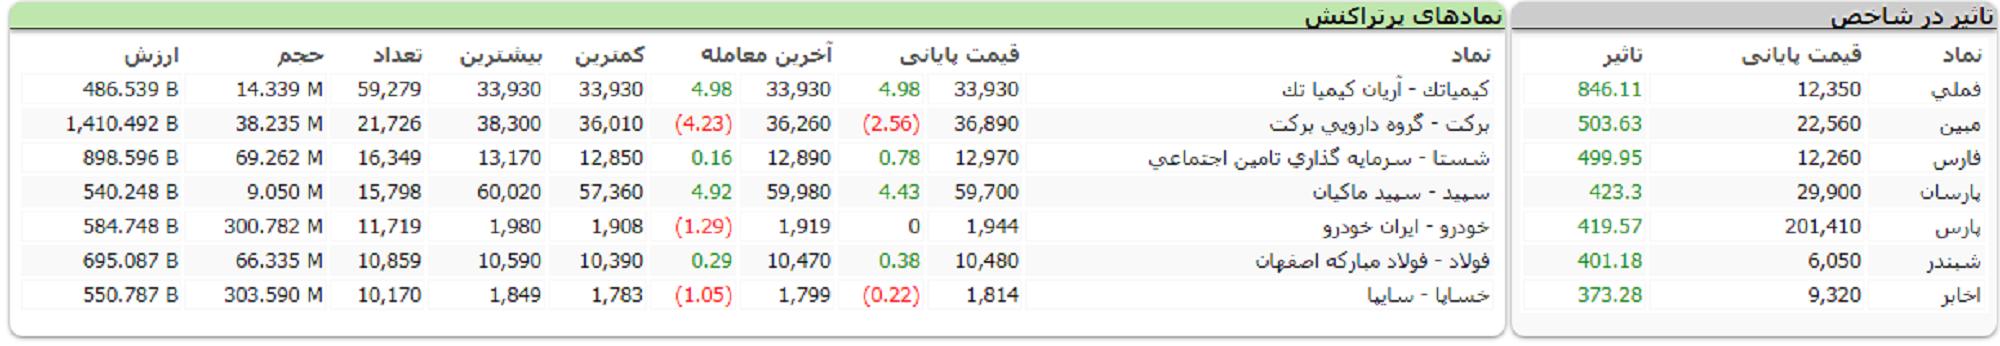 جدول نمادهای اثرگذار و پرتراکنش در بازار بورس 1